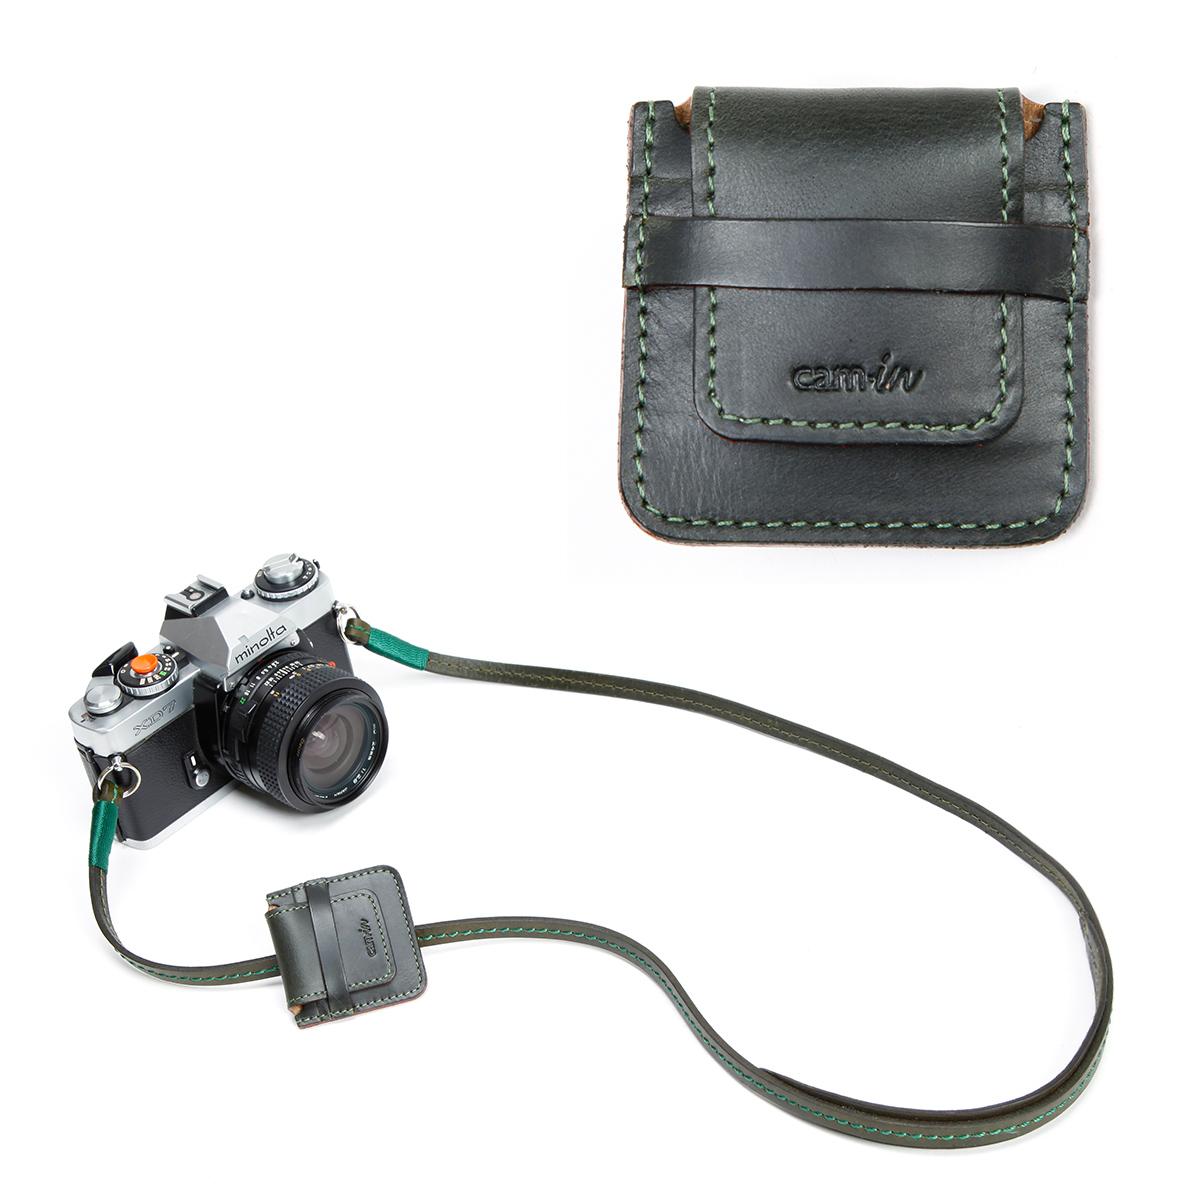 cam-in CF/SD卡 牛皮 真皮保护内存卡包 闪存卡转接套 CA0